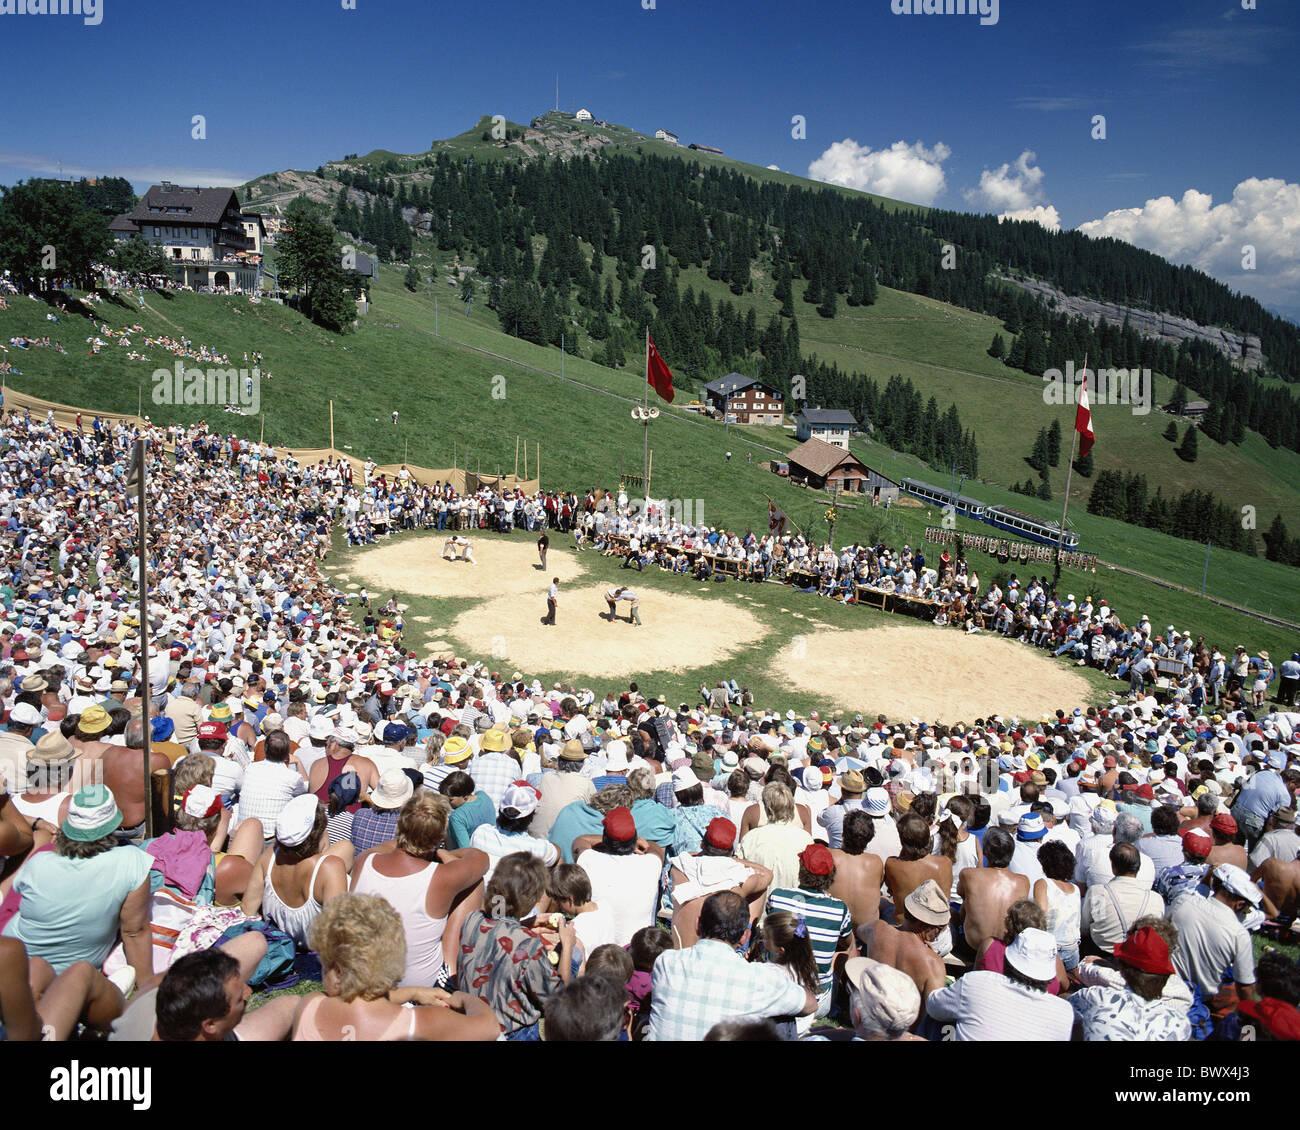 La tradizione dai campi di battaglia di folklore Rigi Svizzera Europa Swiss wrestling altalene sport panoramica Immagini Stock